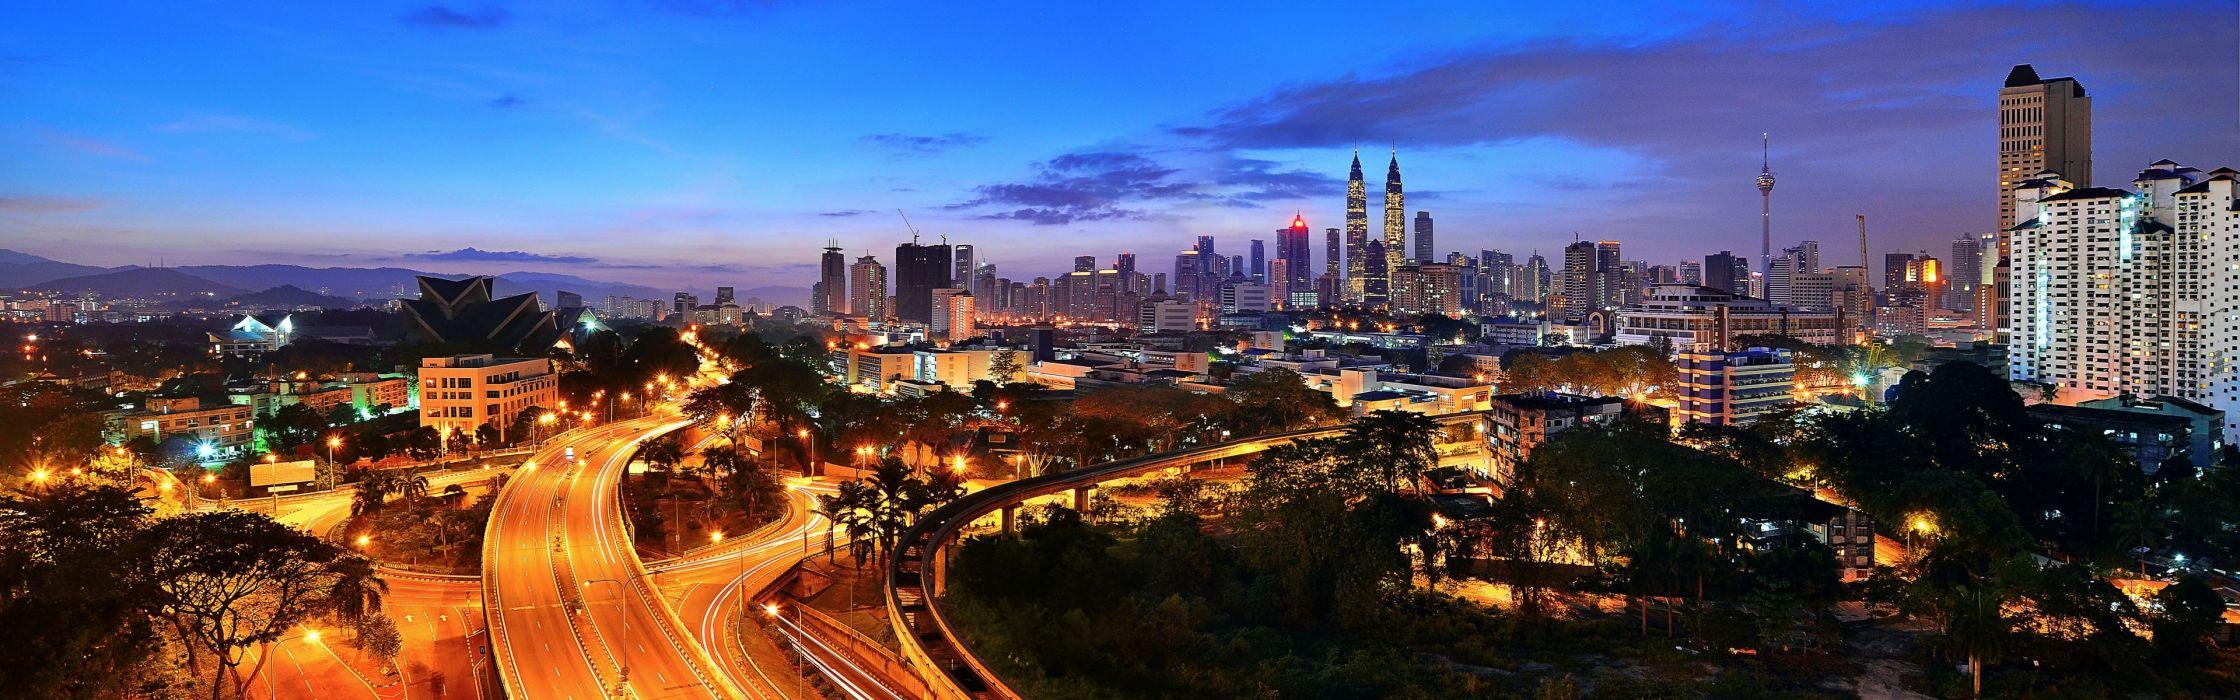 cityscapes highways Malaysia city lights panorama Kuala Lumpur wallpaper